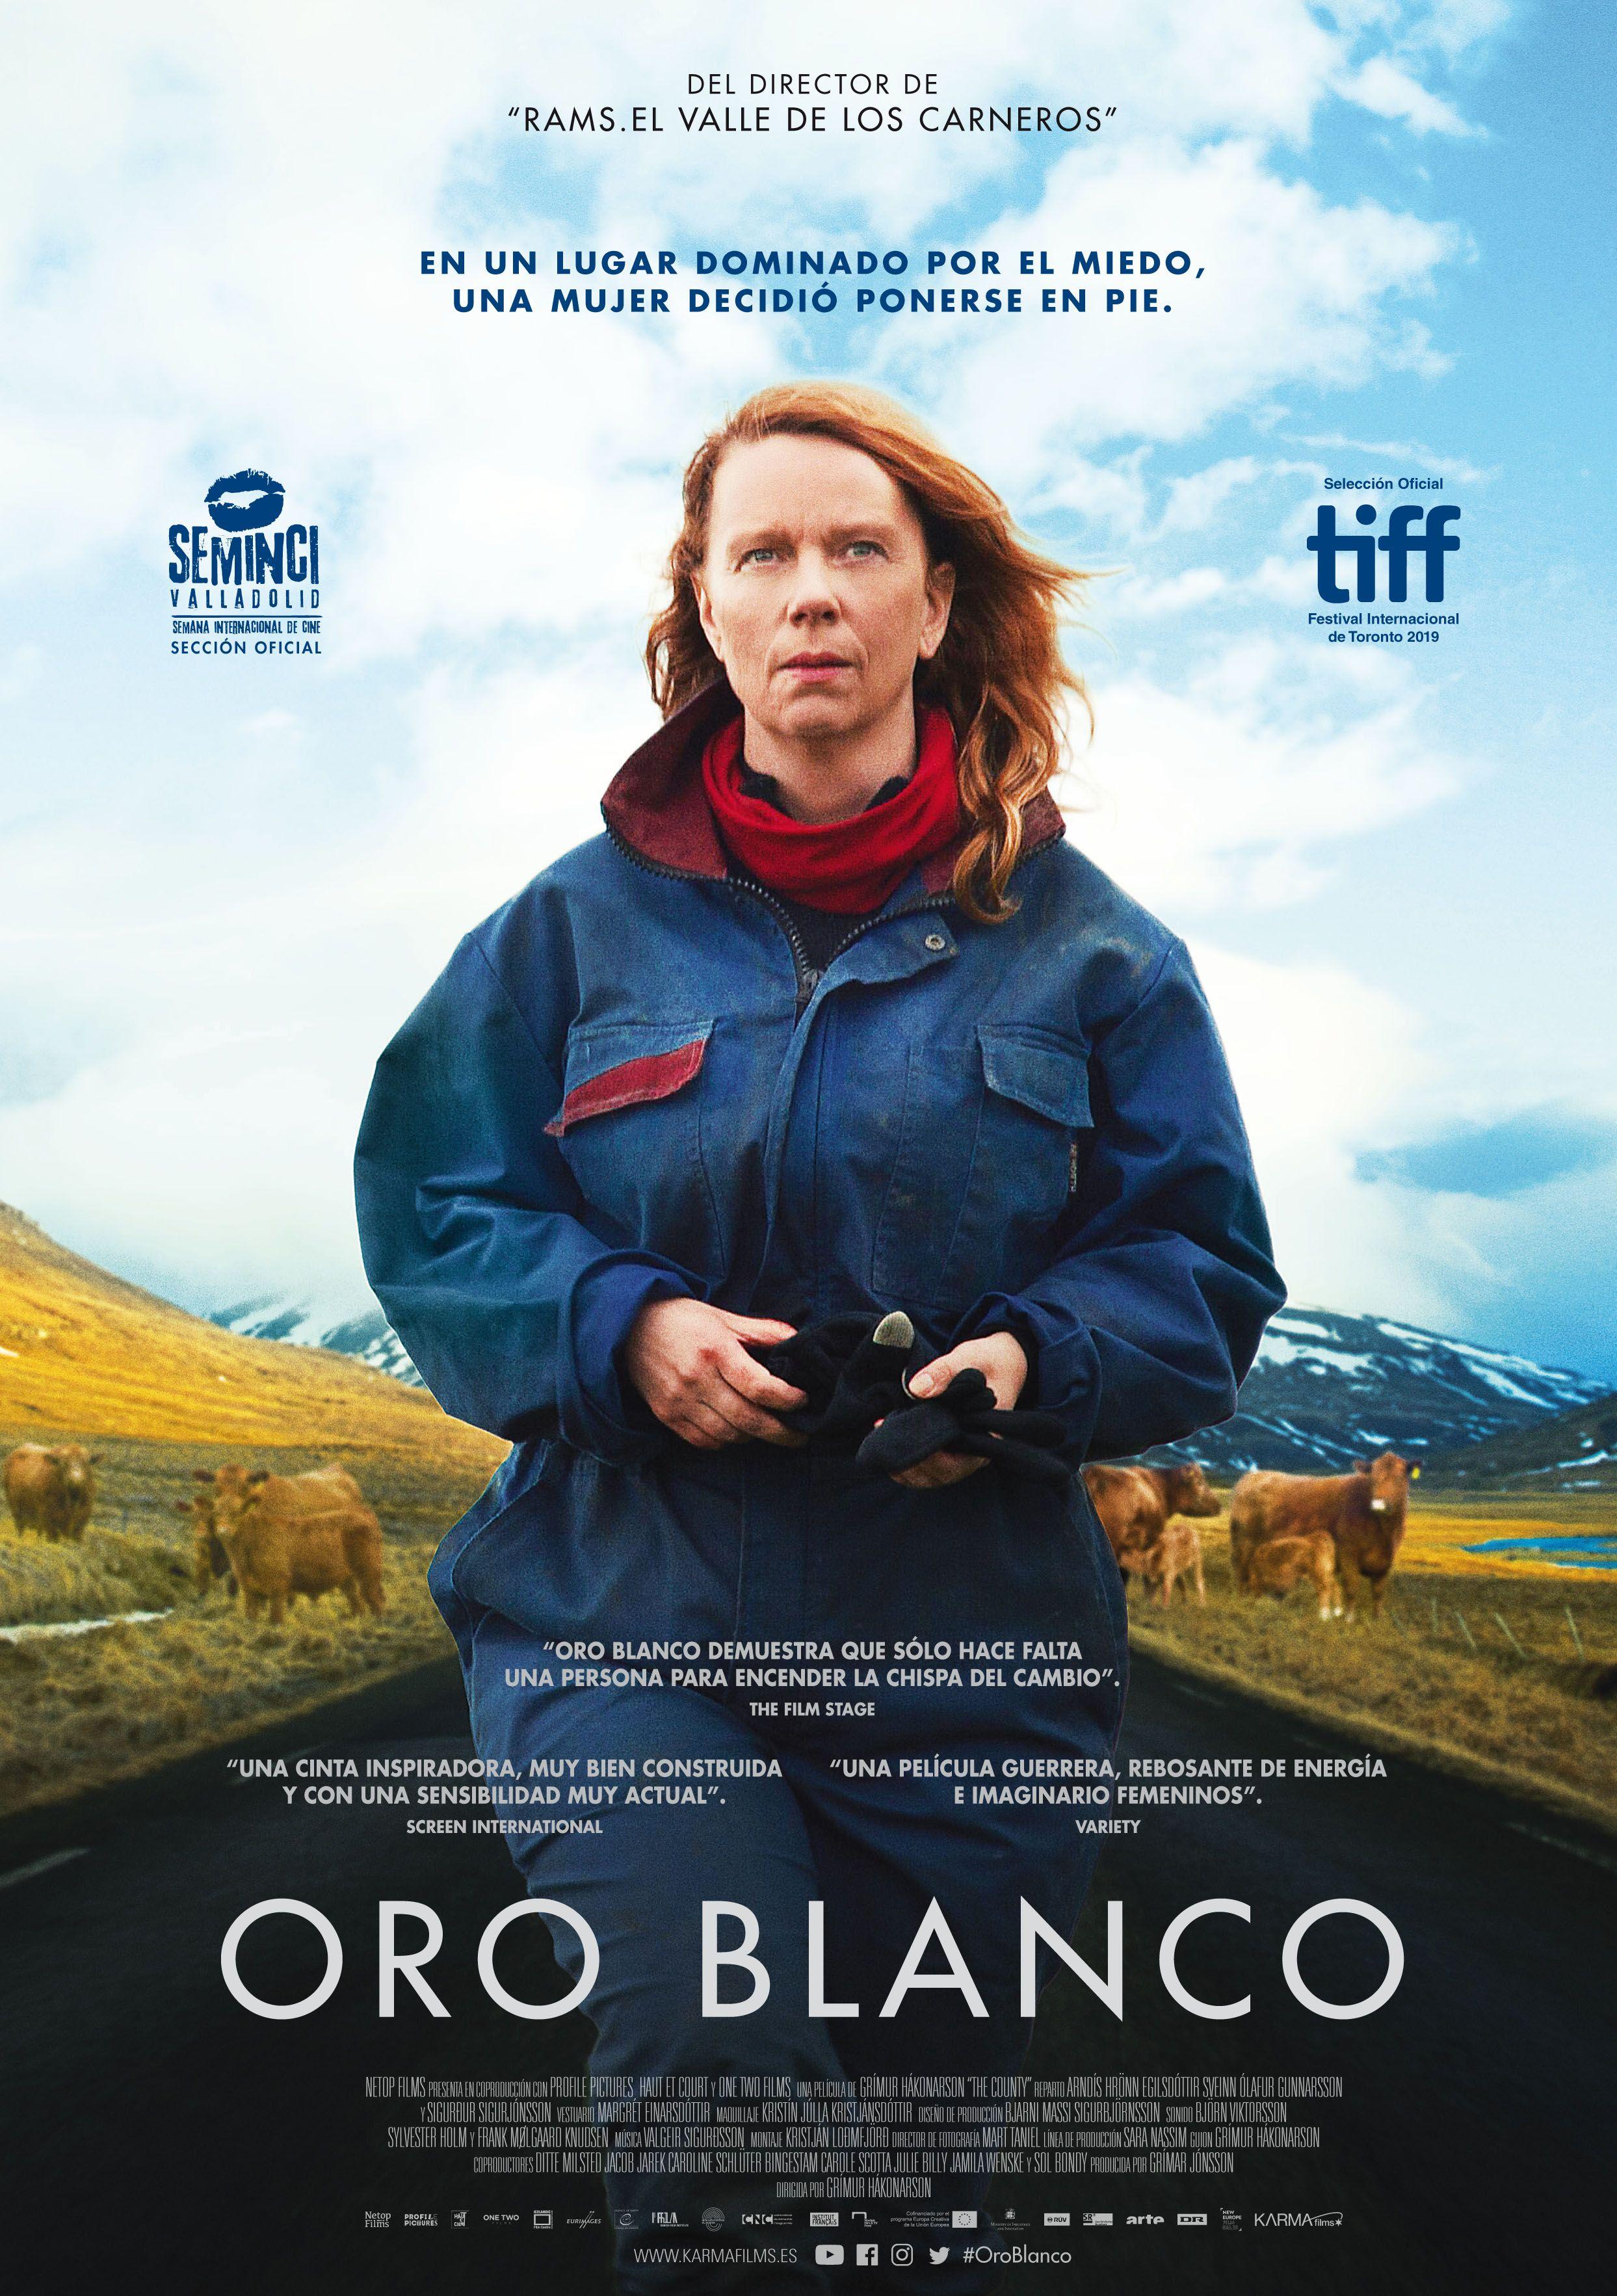 El 26 de junio se estrena en cines 'Oro Blanco' de Grímur Hákonarson